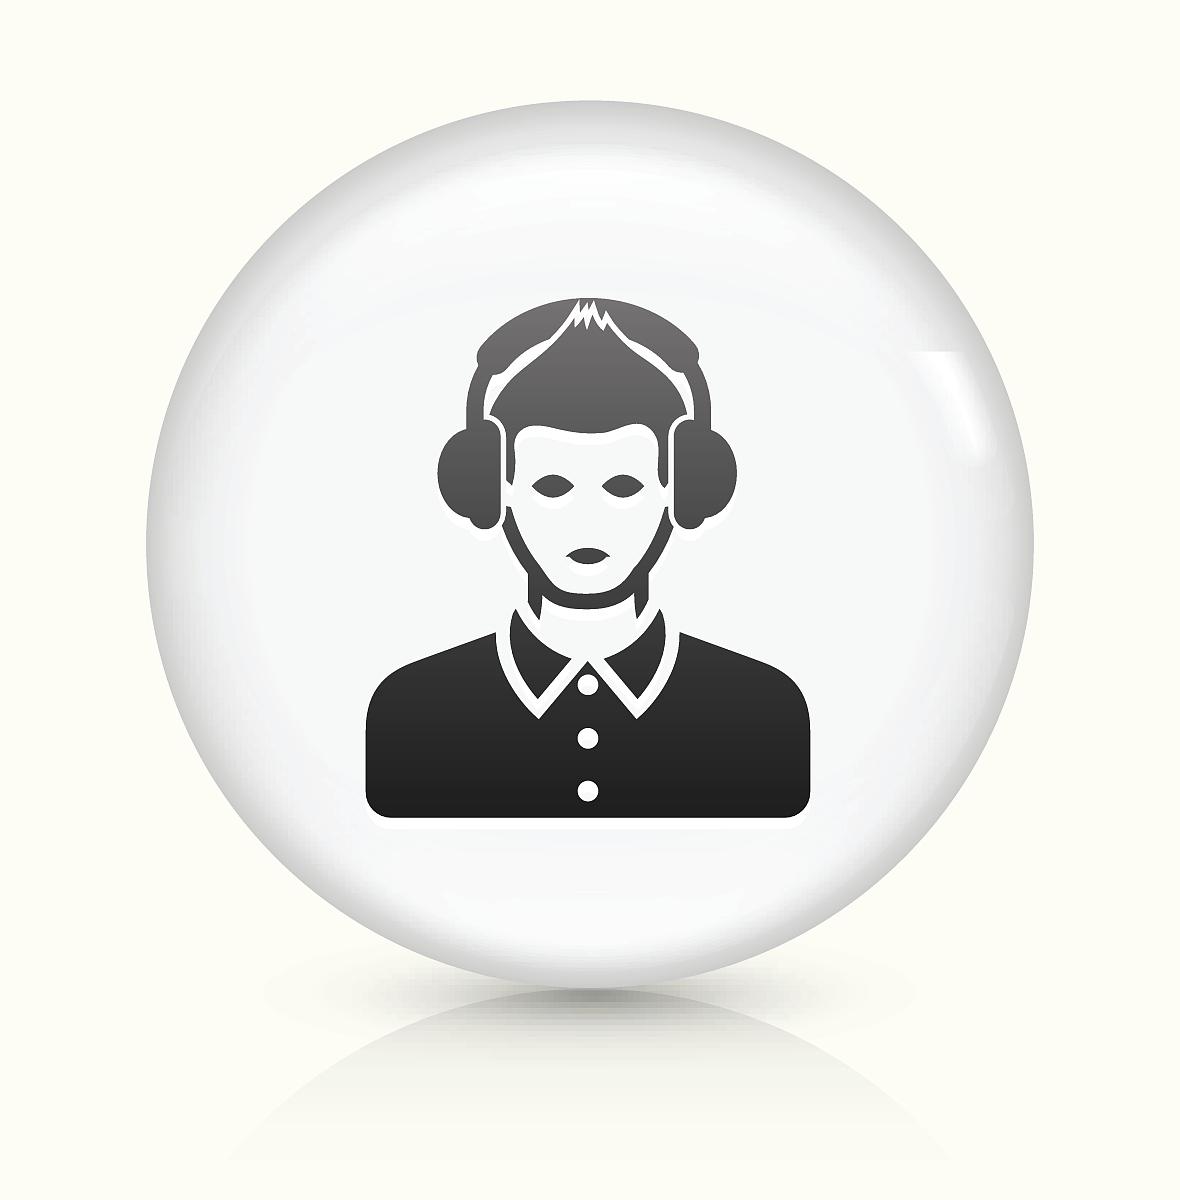 听���!�`iyn��+��n���'���_音乐听图标白色圆形矢量按钮